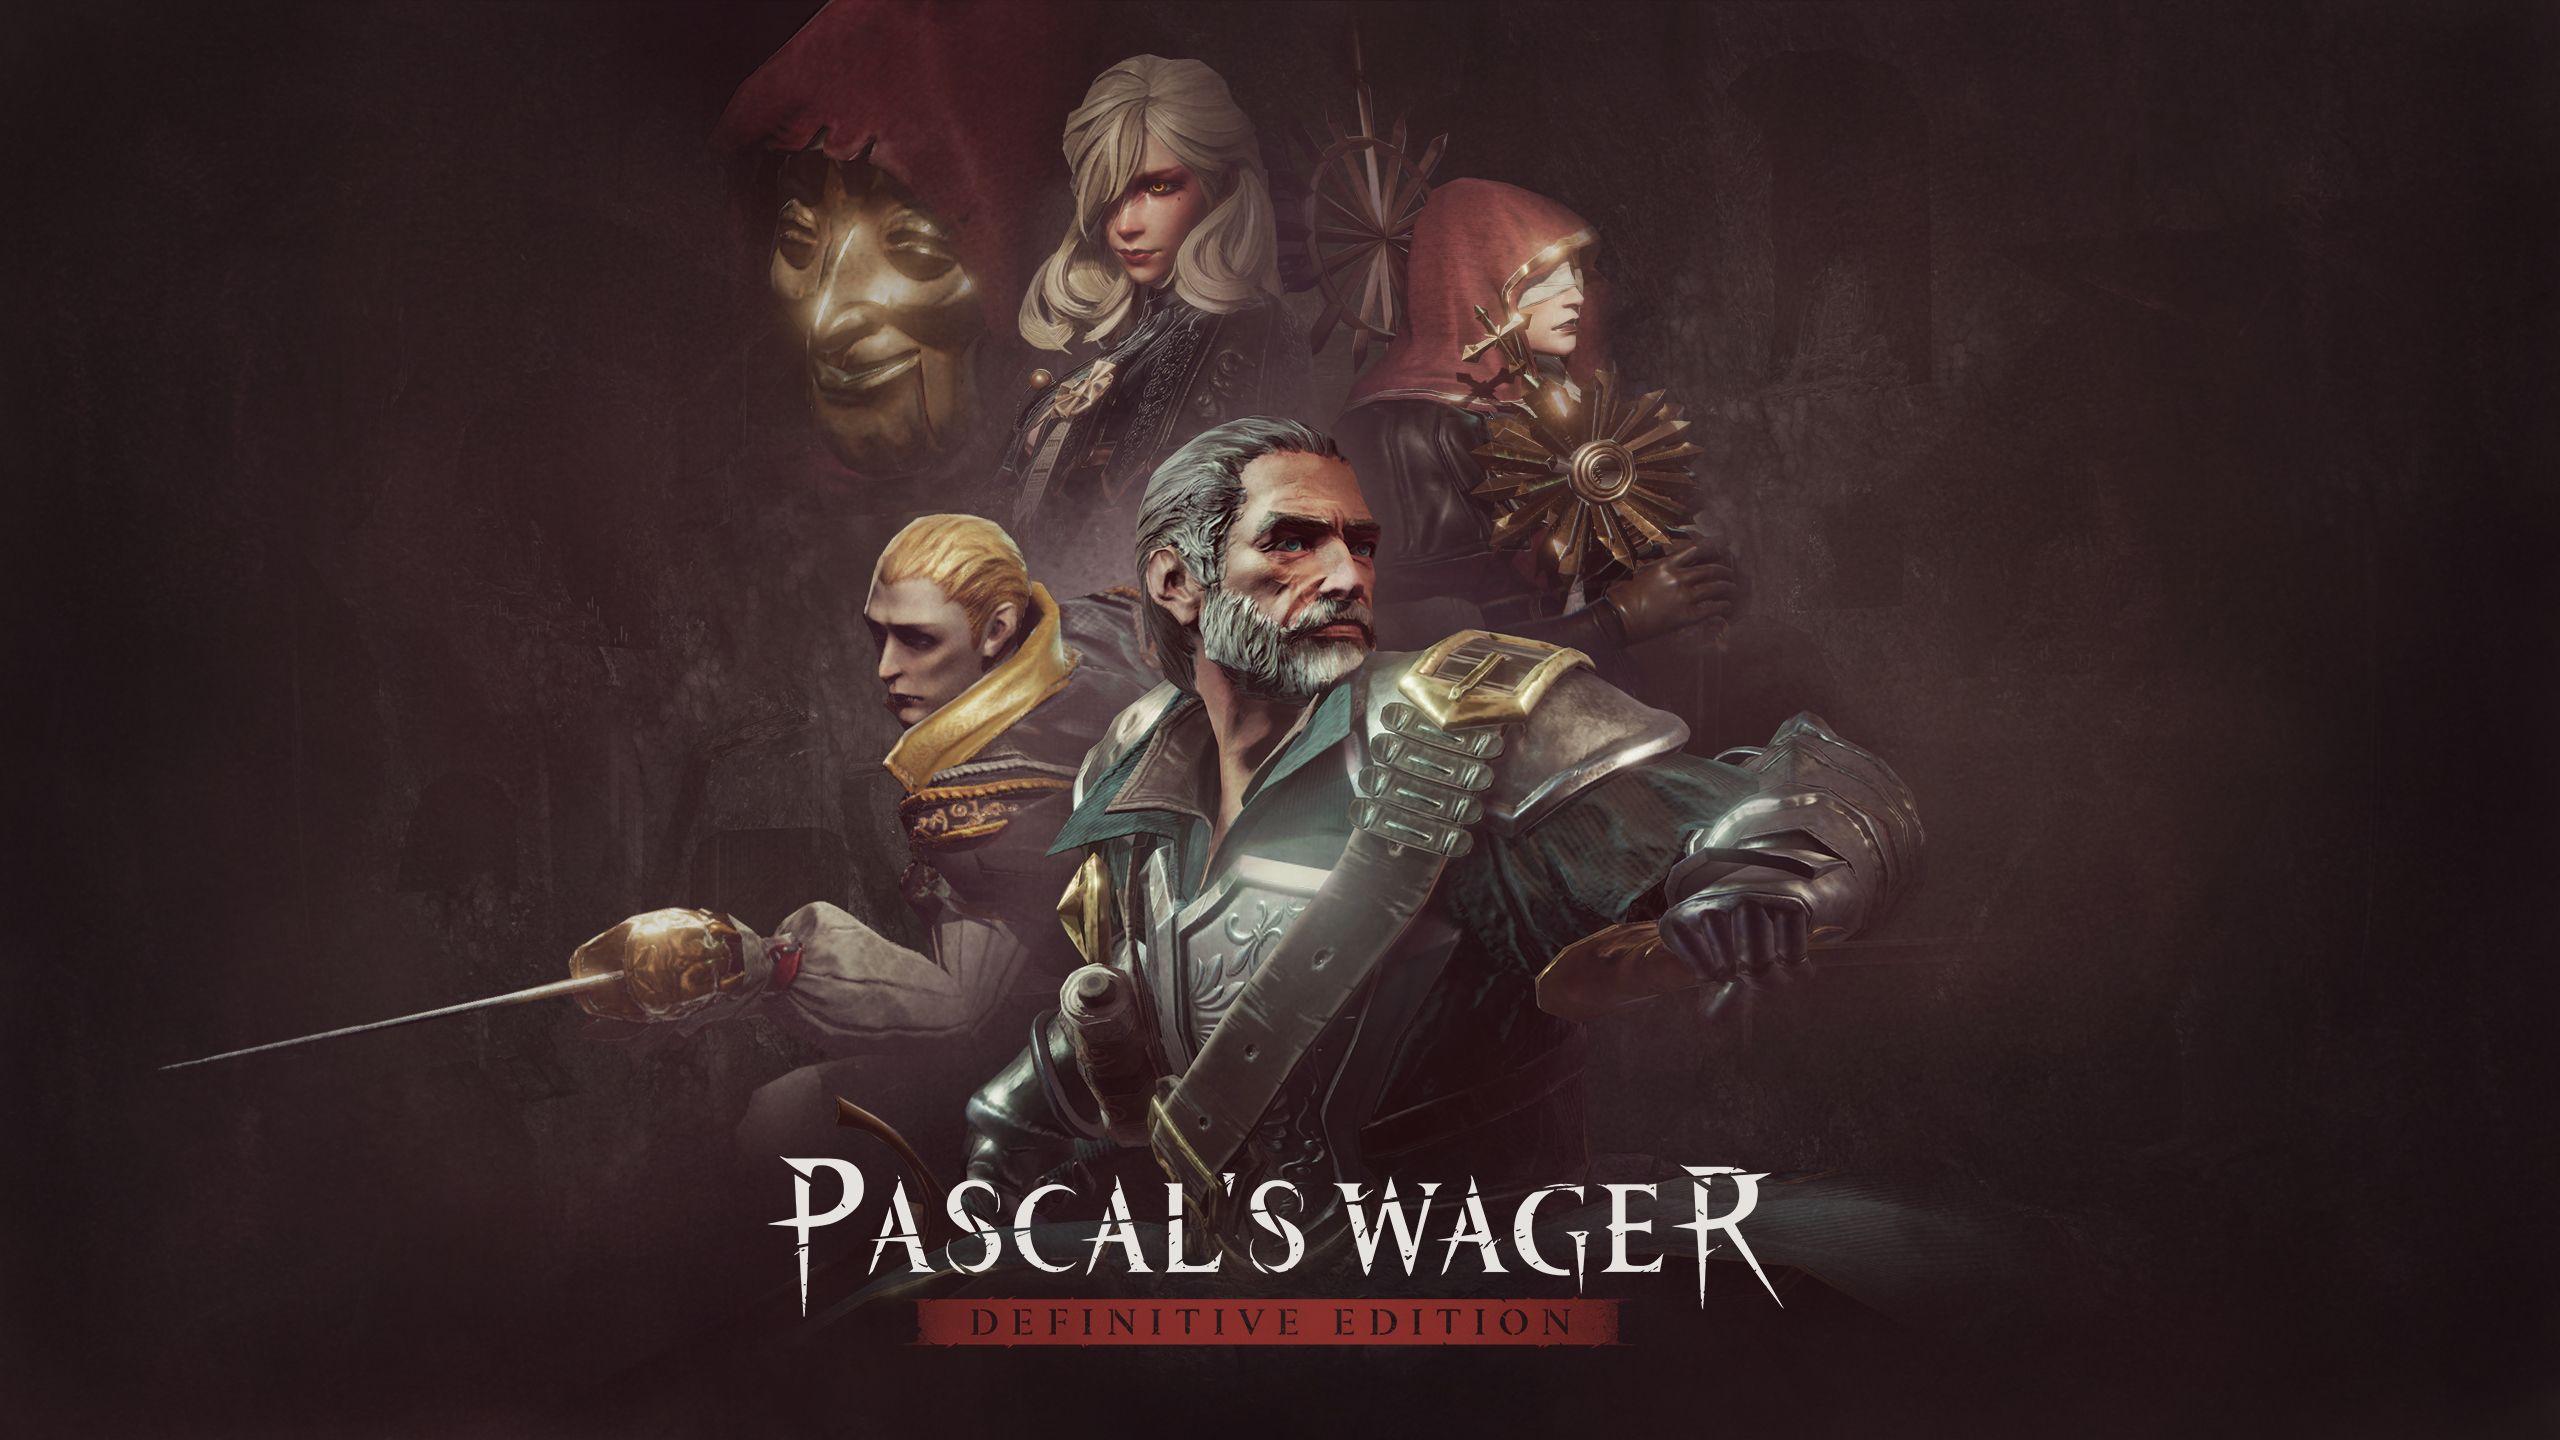 www.epicgames.com